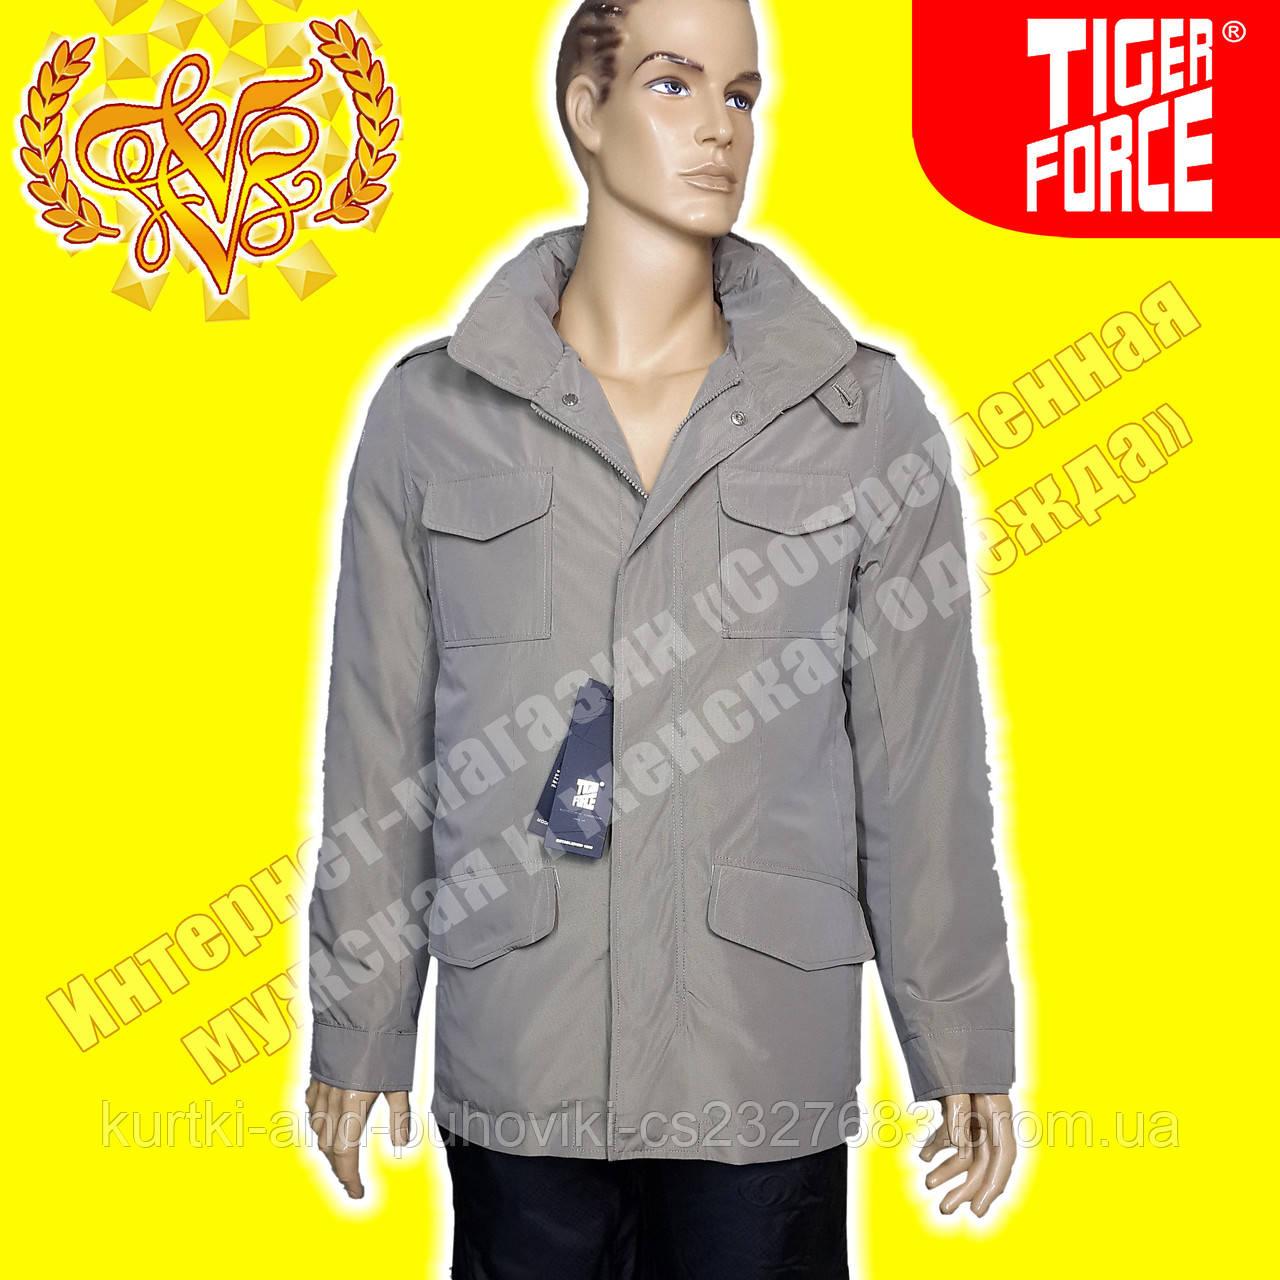 07418a98 Мужская куртка - френч демисезонный - Интернет-магазин «Современная мужская  и женская одежда»